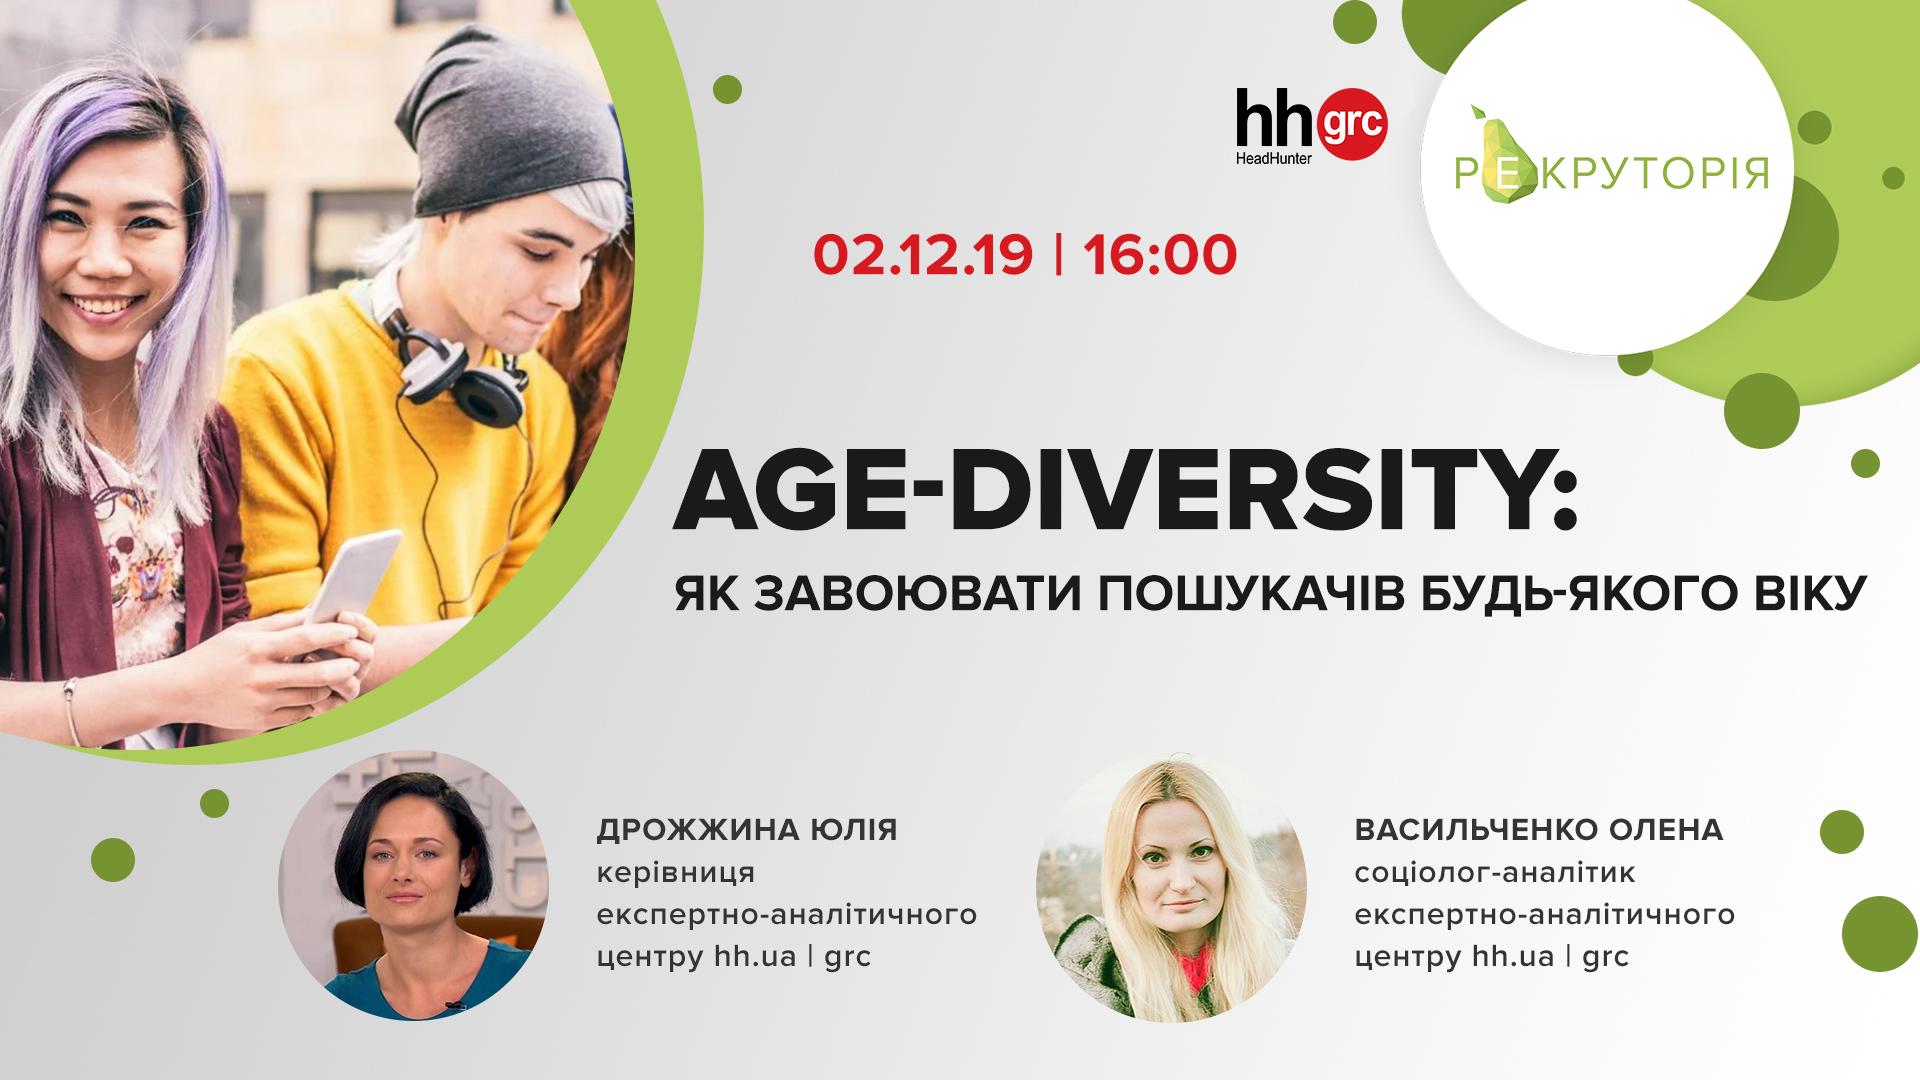 РЕКРУТОРІЯ: вебінар «Age-diversity: як завоювати пошукачів будь-якого віку» – 02/12/19